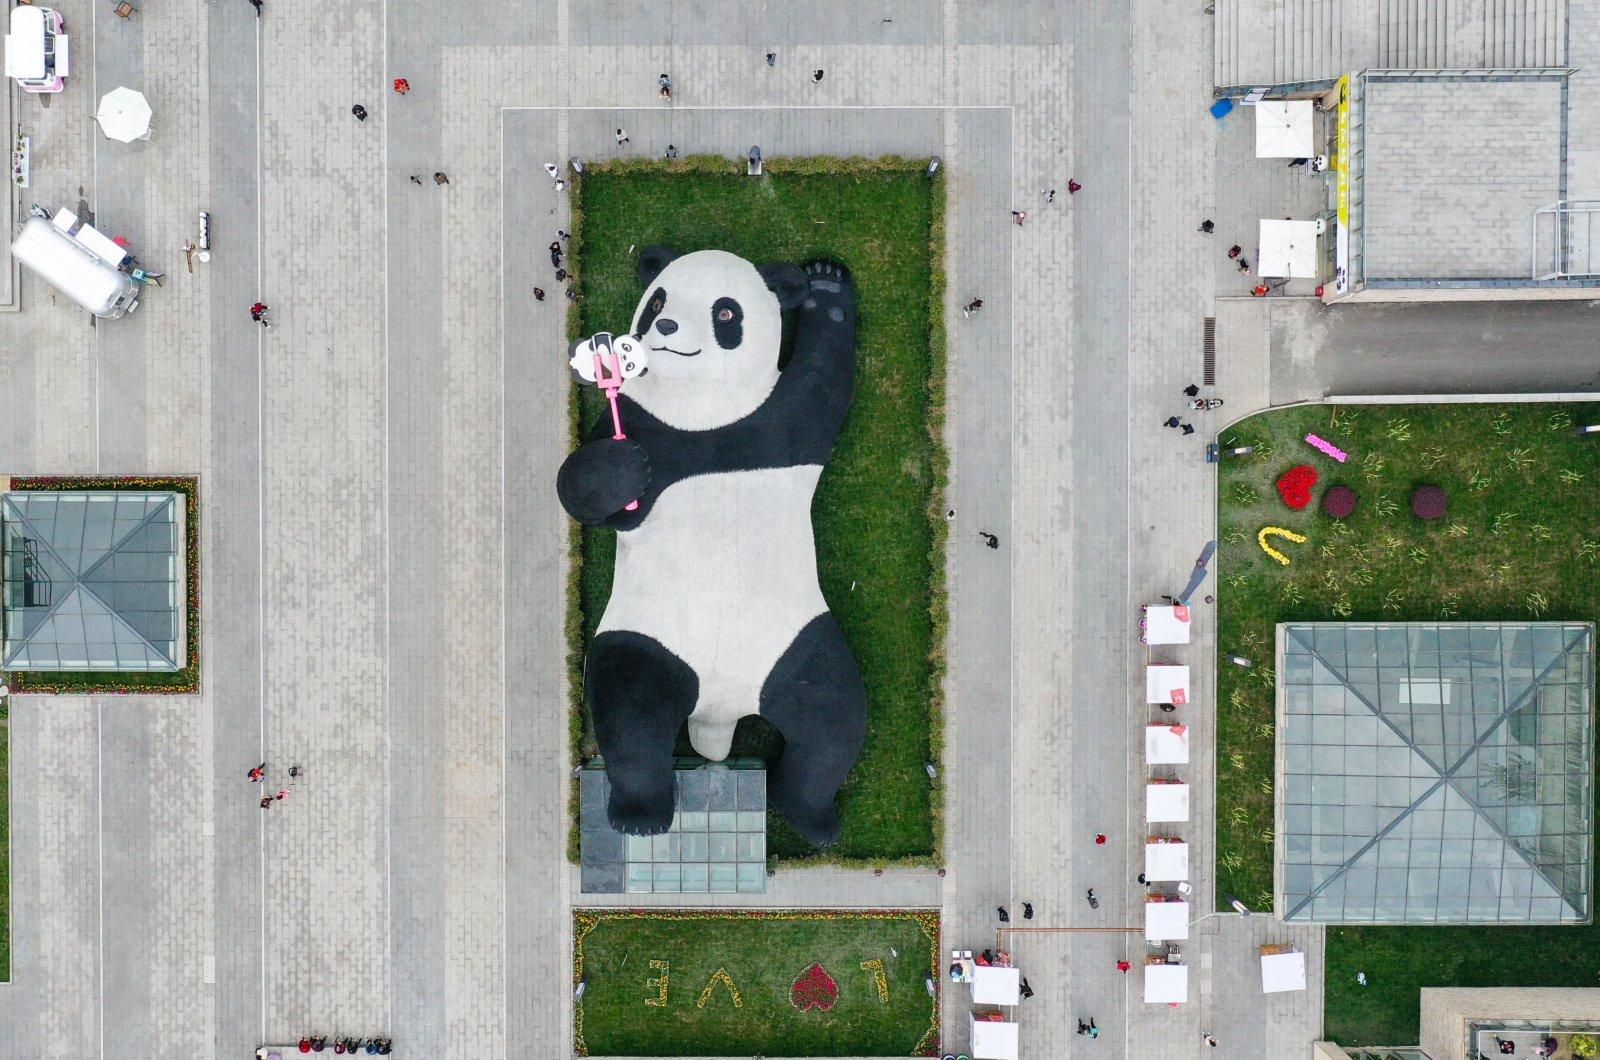 這是4月7日在四川省都江堰市仰天窩廣場拍攝的「自拍熊貓」雕塑(無人機照片)。(新華社)